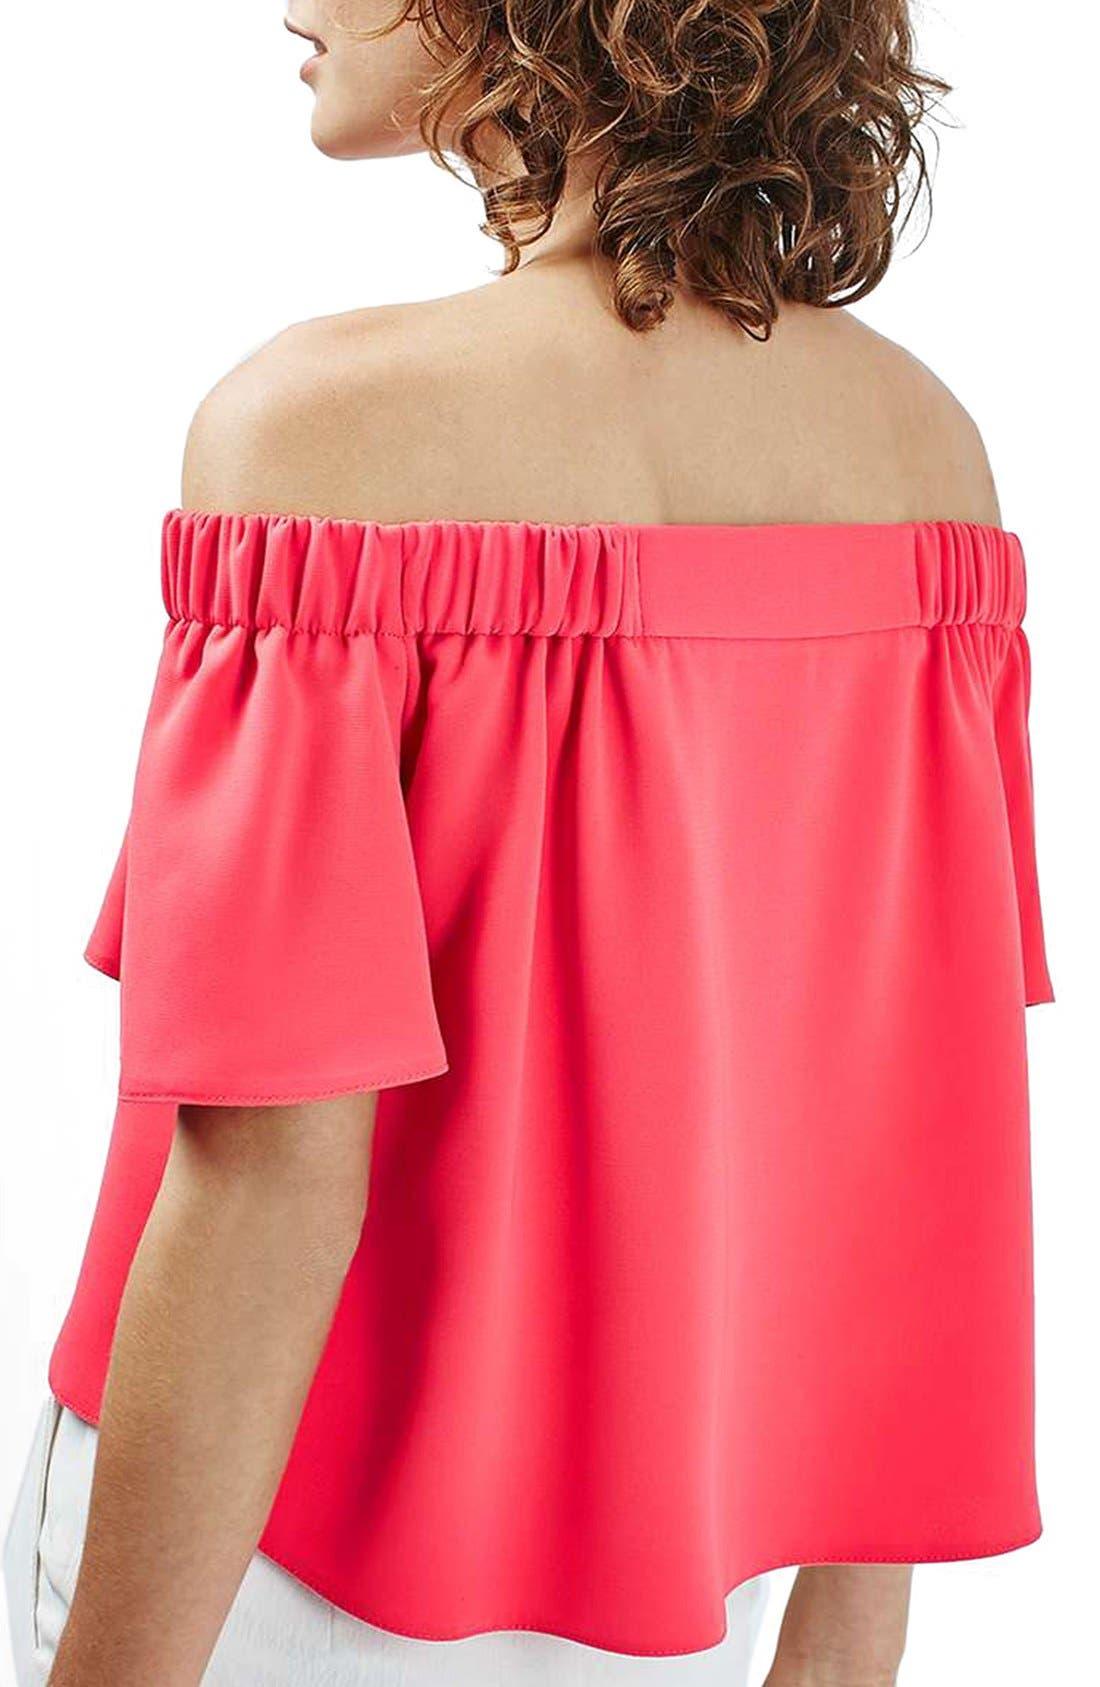 Alternate Image 3  - Topshop 'Livi' Off the Shoulder Top (Regular & Petite)